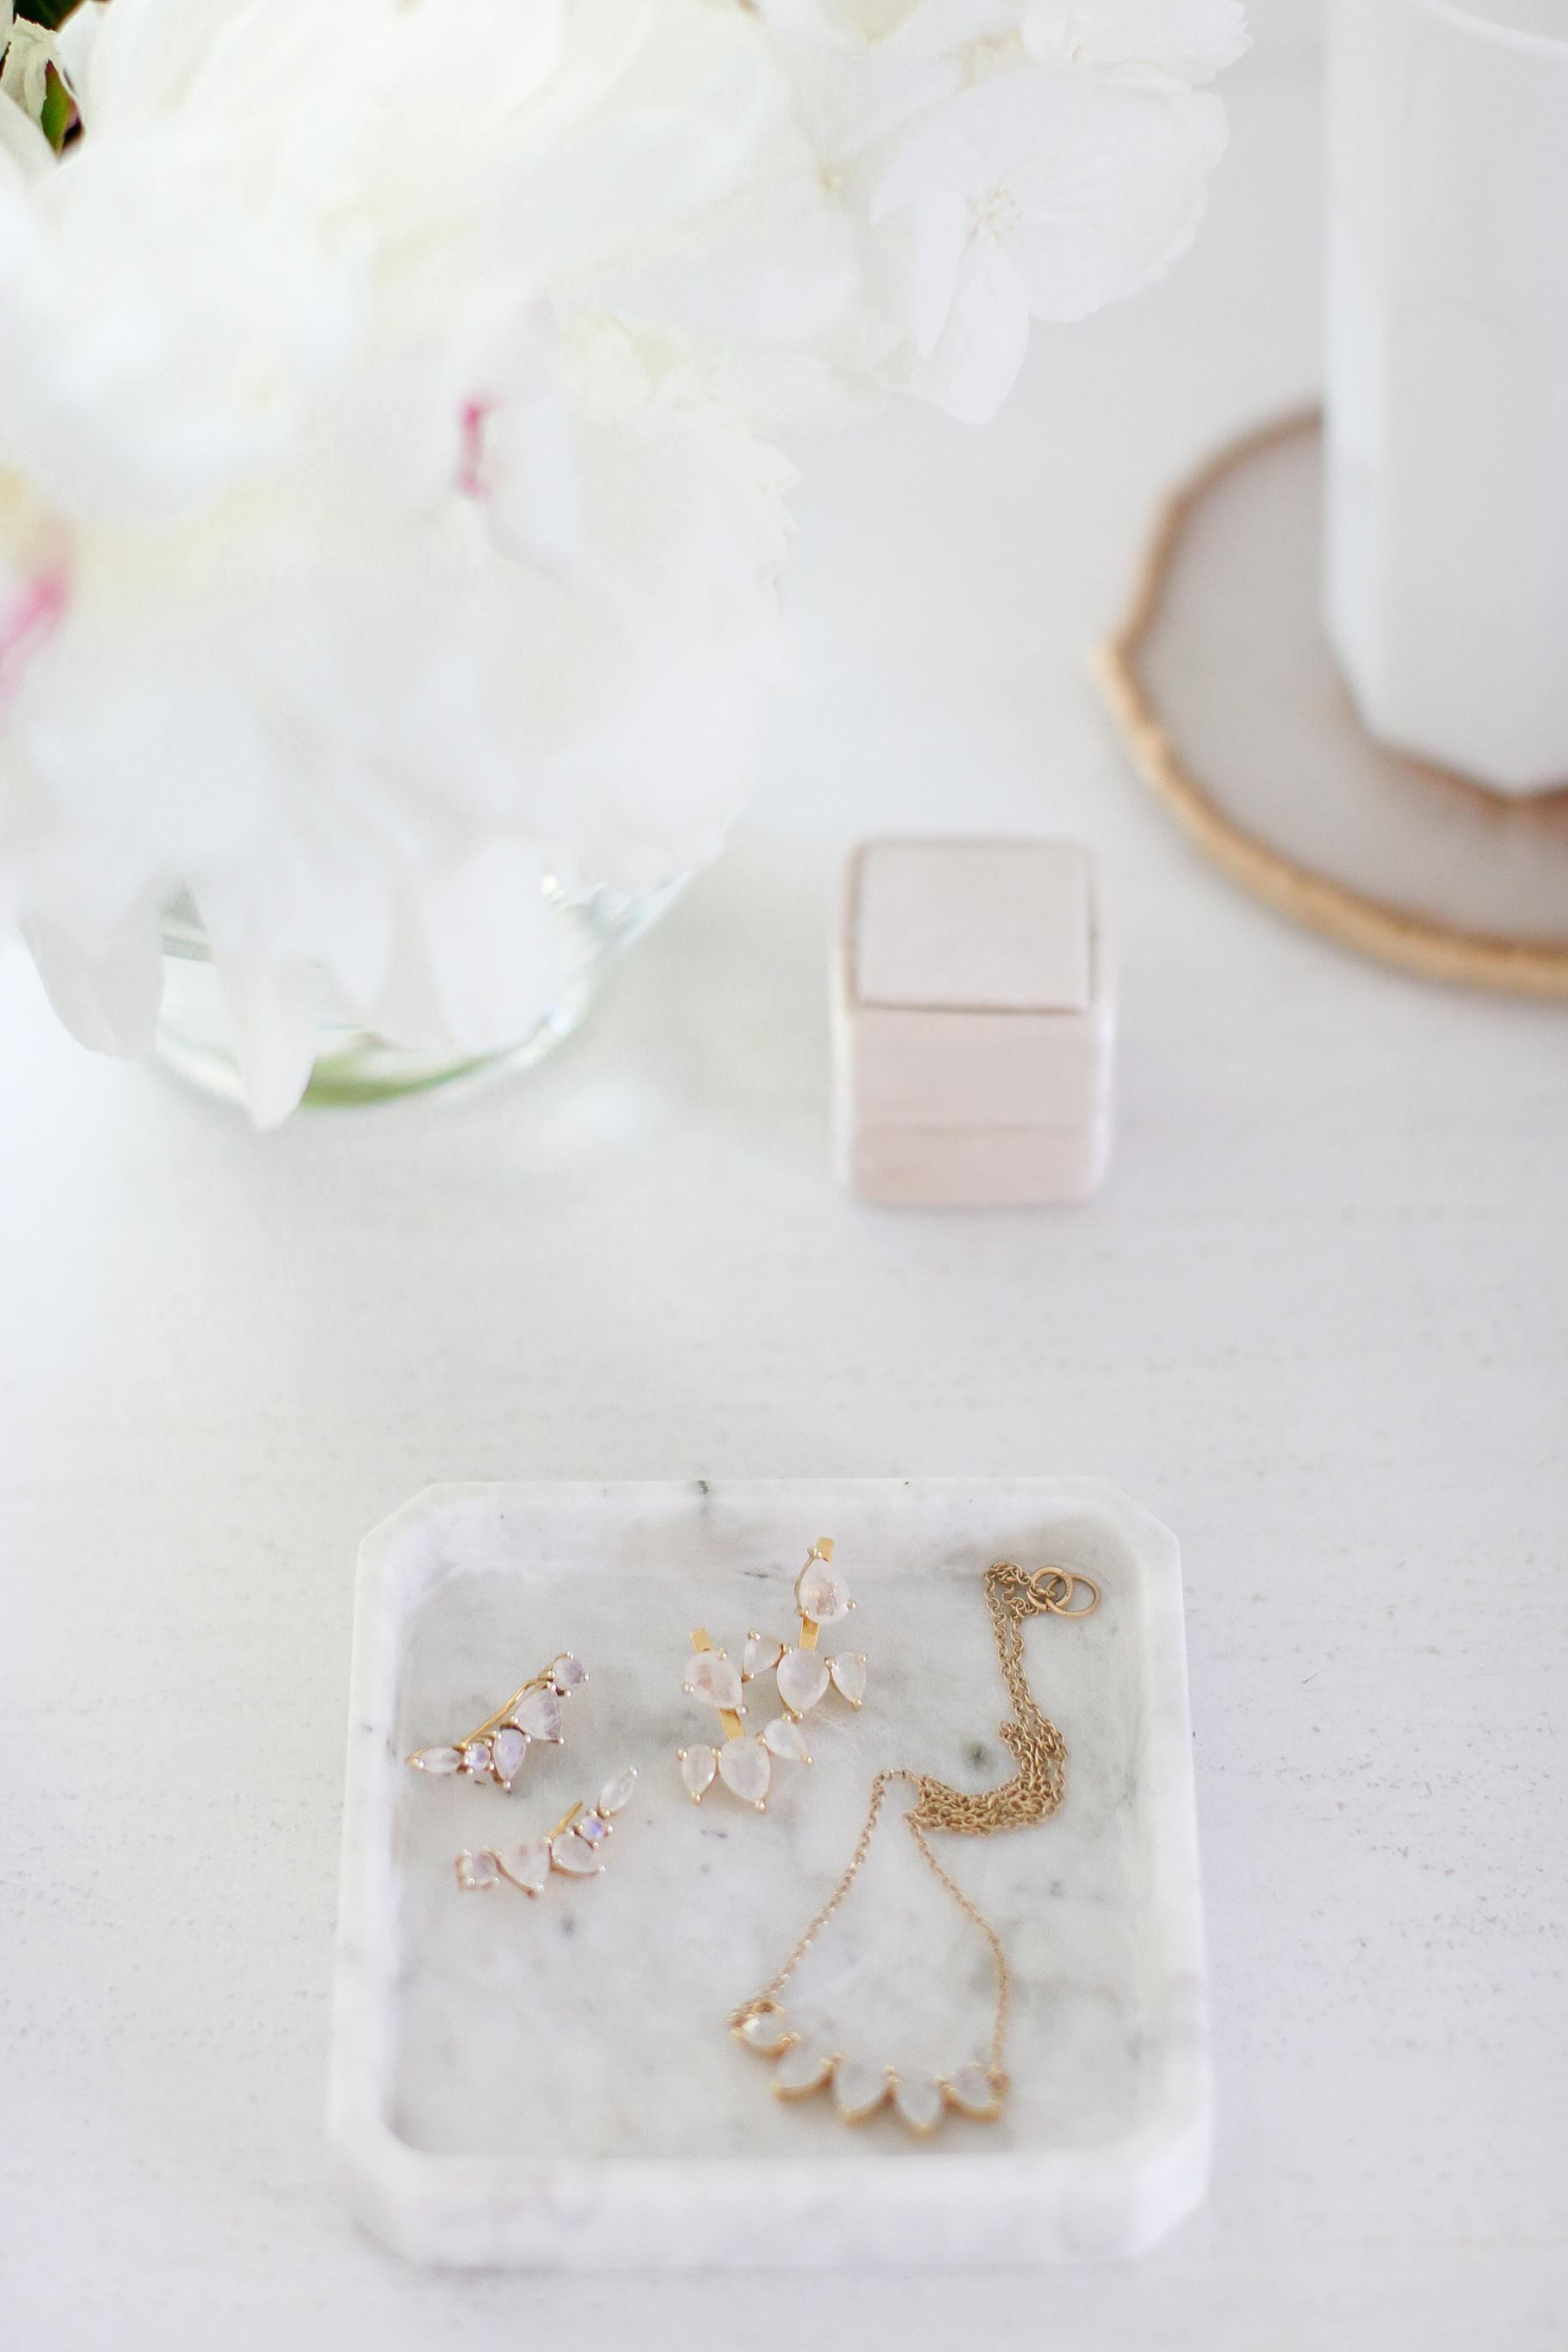 Hydrangeas Peonies Marble Tray Leah Alexandra Monika Hibbs